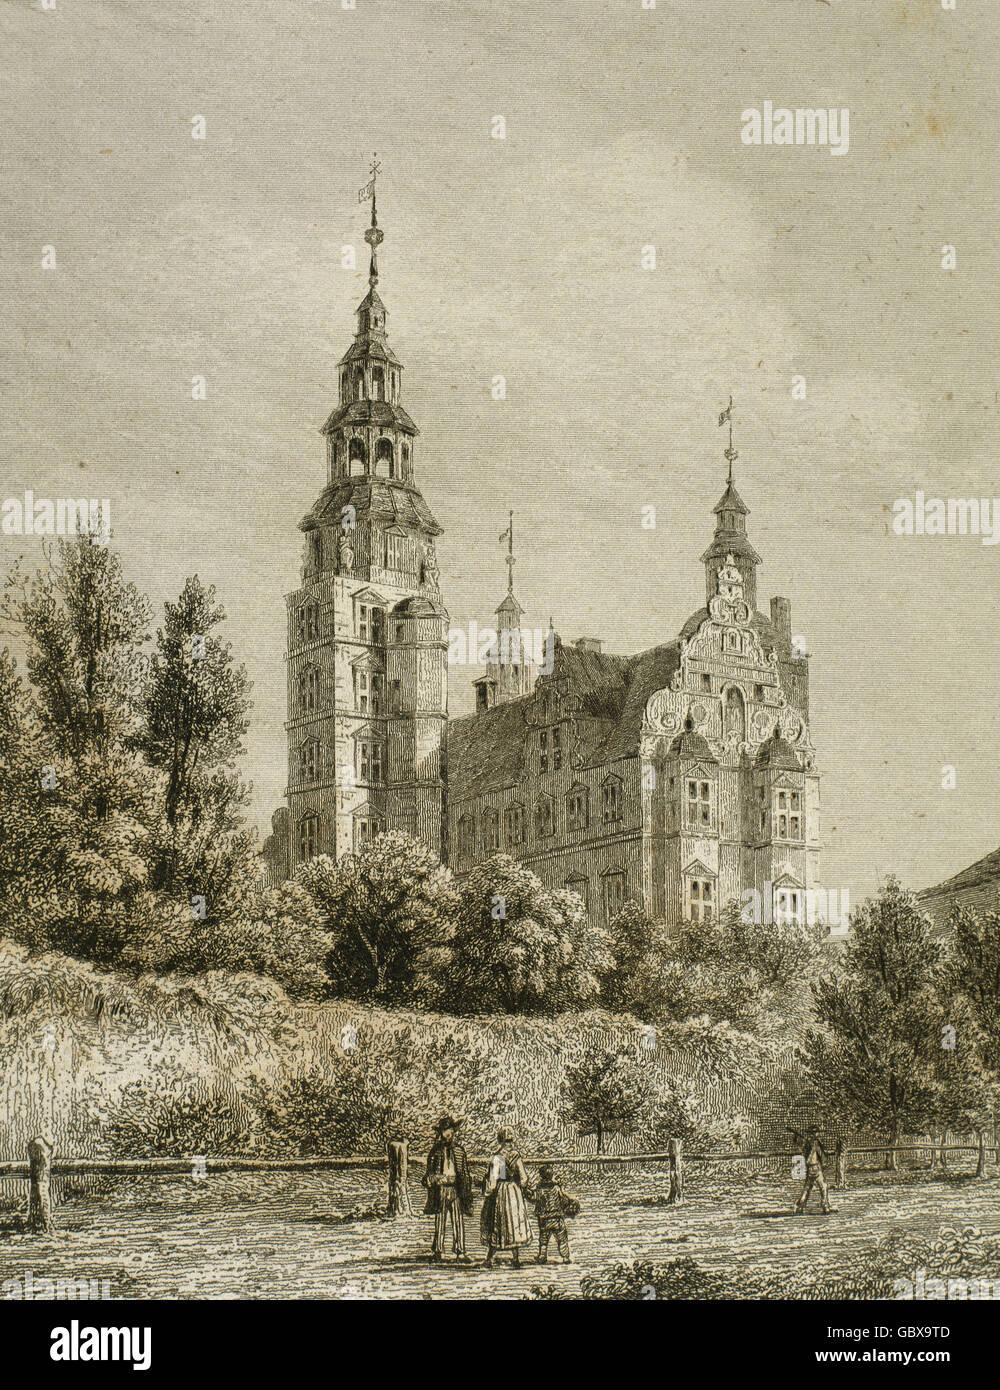 Denmark. Copenhagen. Rosenborg Castle, 1606. Dutch Renaissance style. Engraving, 1845. - Stock Image